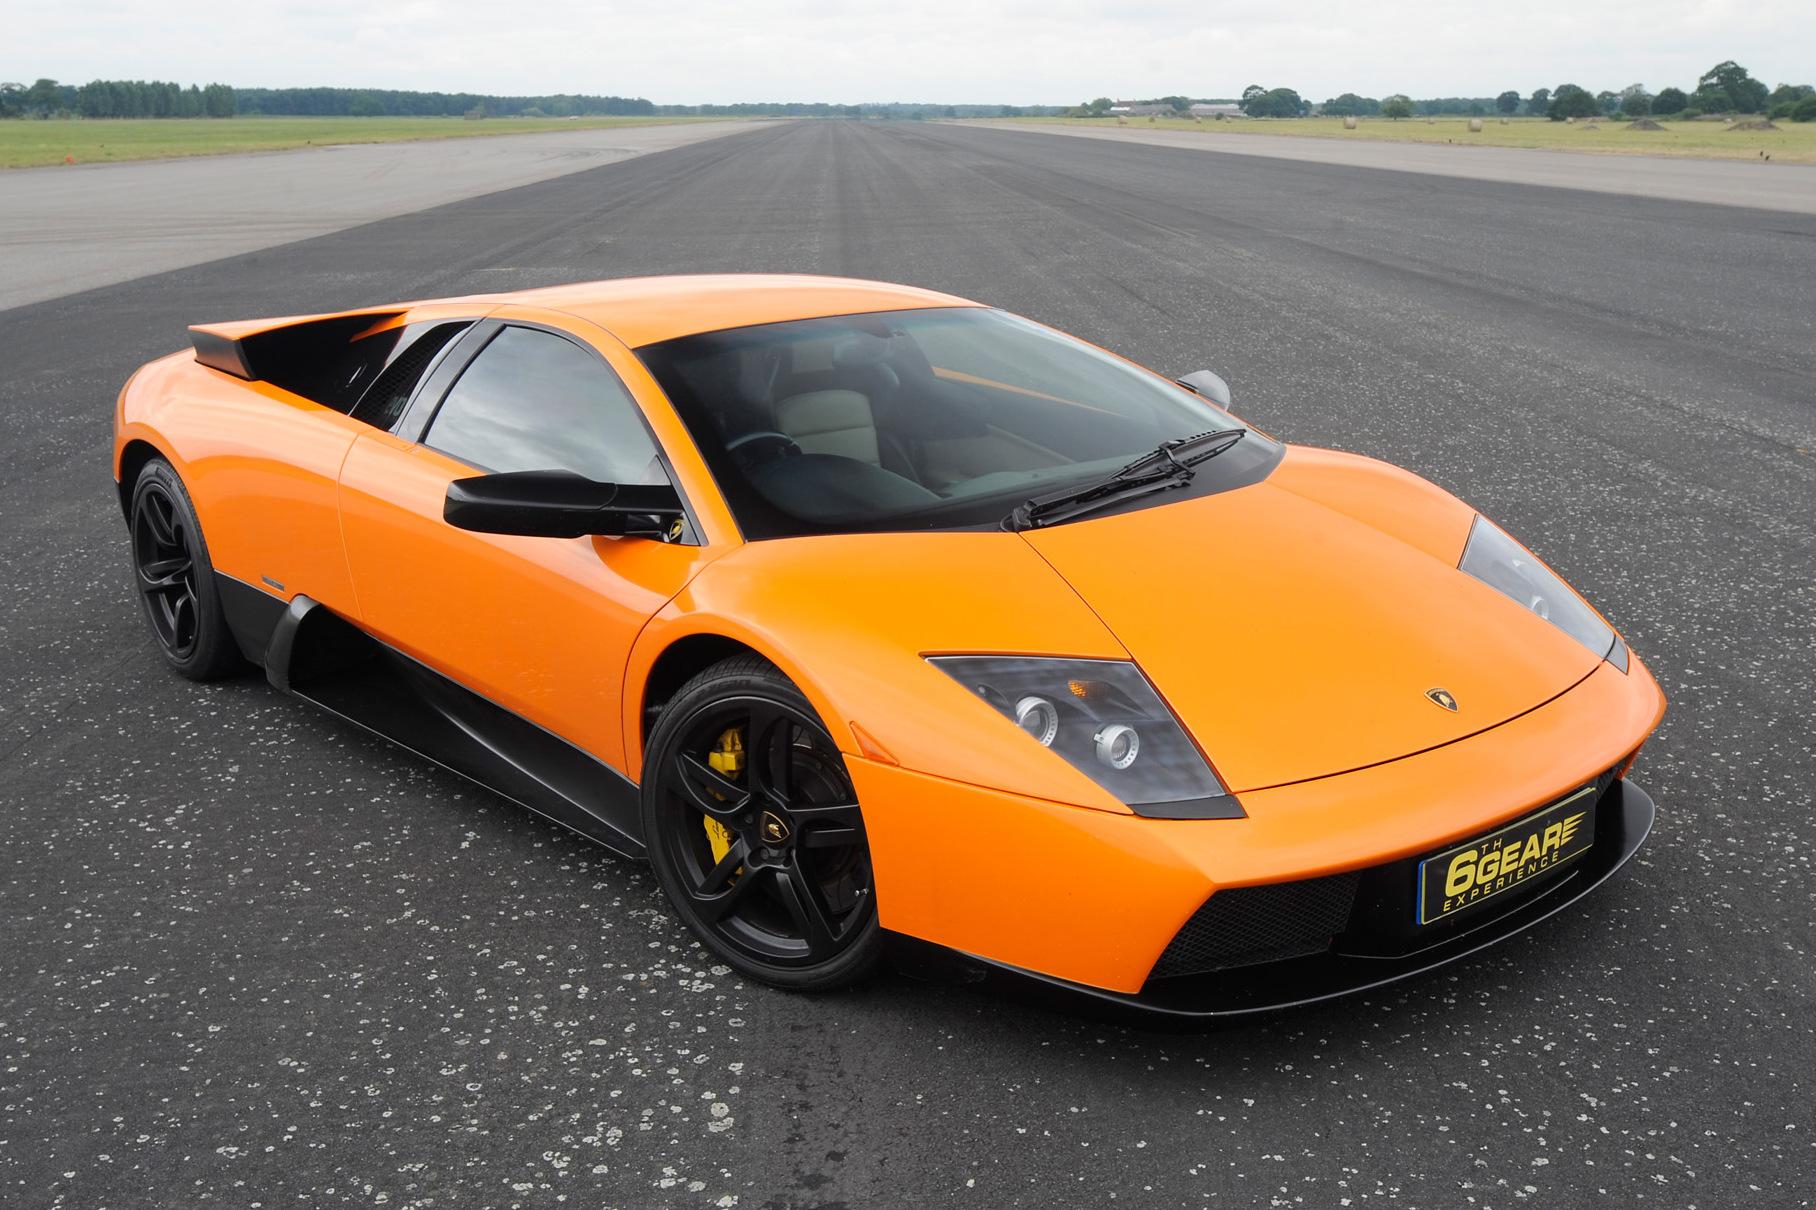 Como carro de locadora, este Lamborghini Murciélago rodou tanto quanto um táxi